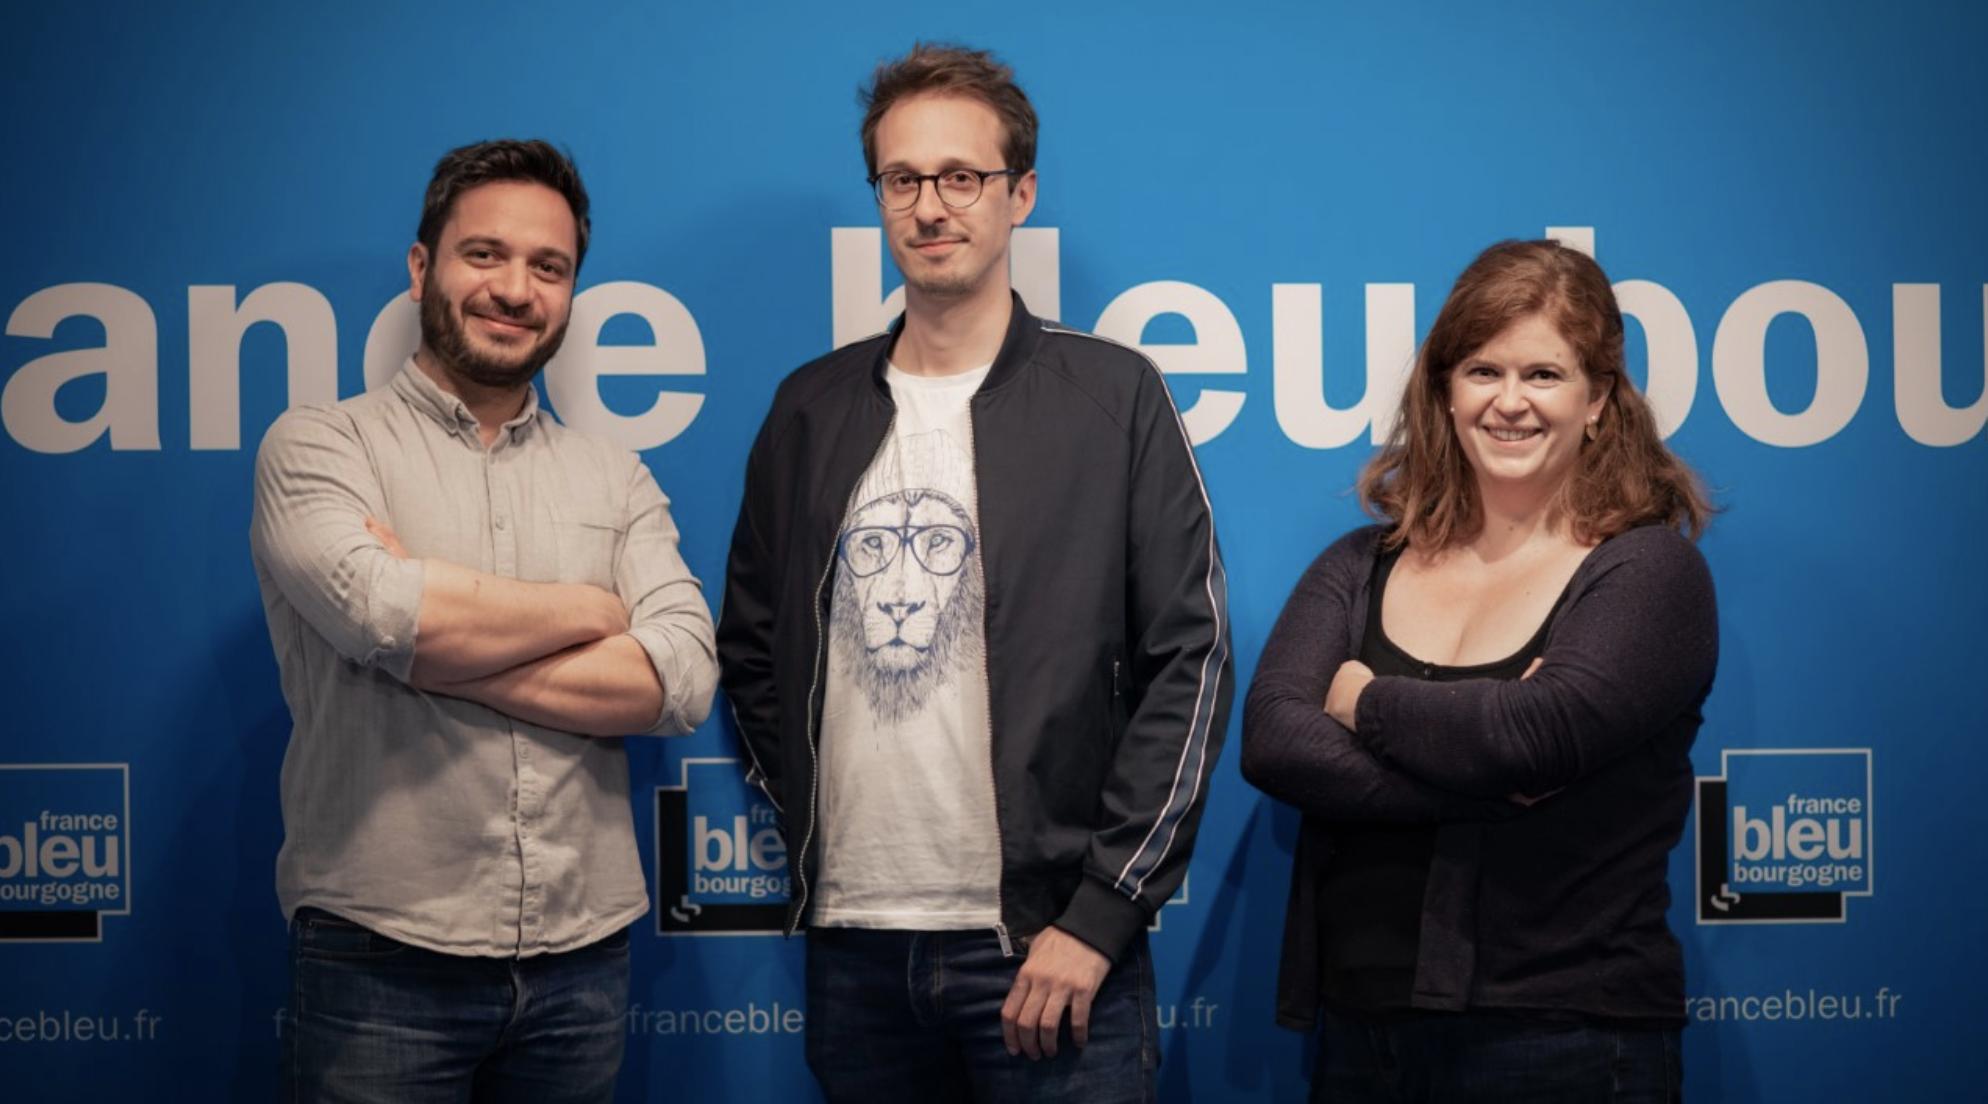 L'équipe de de France Bleu Bourgogne Matin : Arnaud Racape (journaliste), Cyril Hinaut (animateur) et Anne Pinczon du Sel (journaliste) © Laetitia Devaux